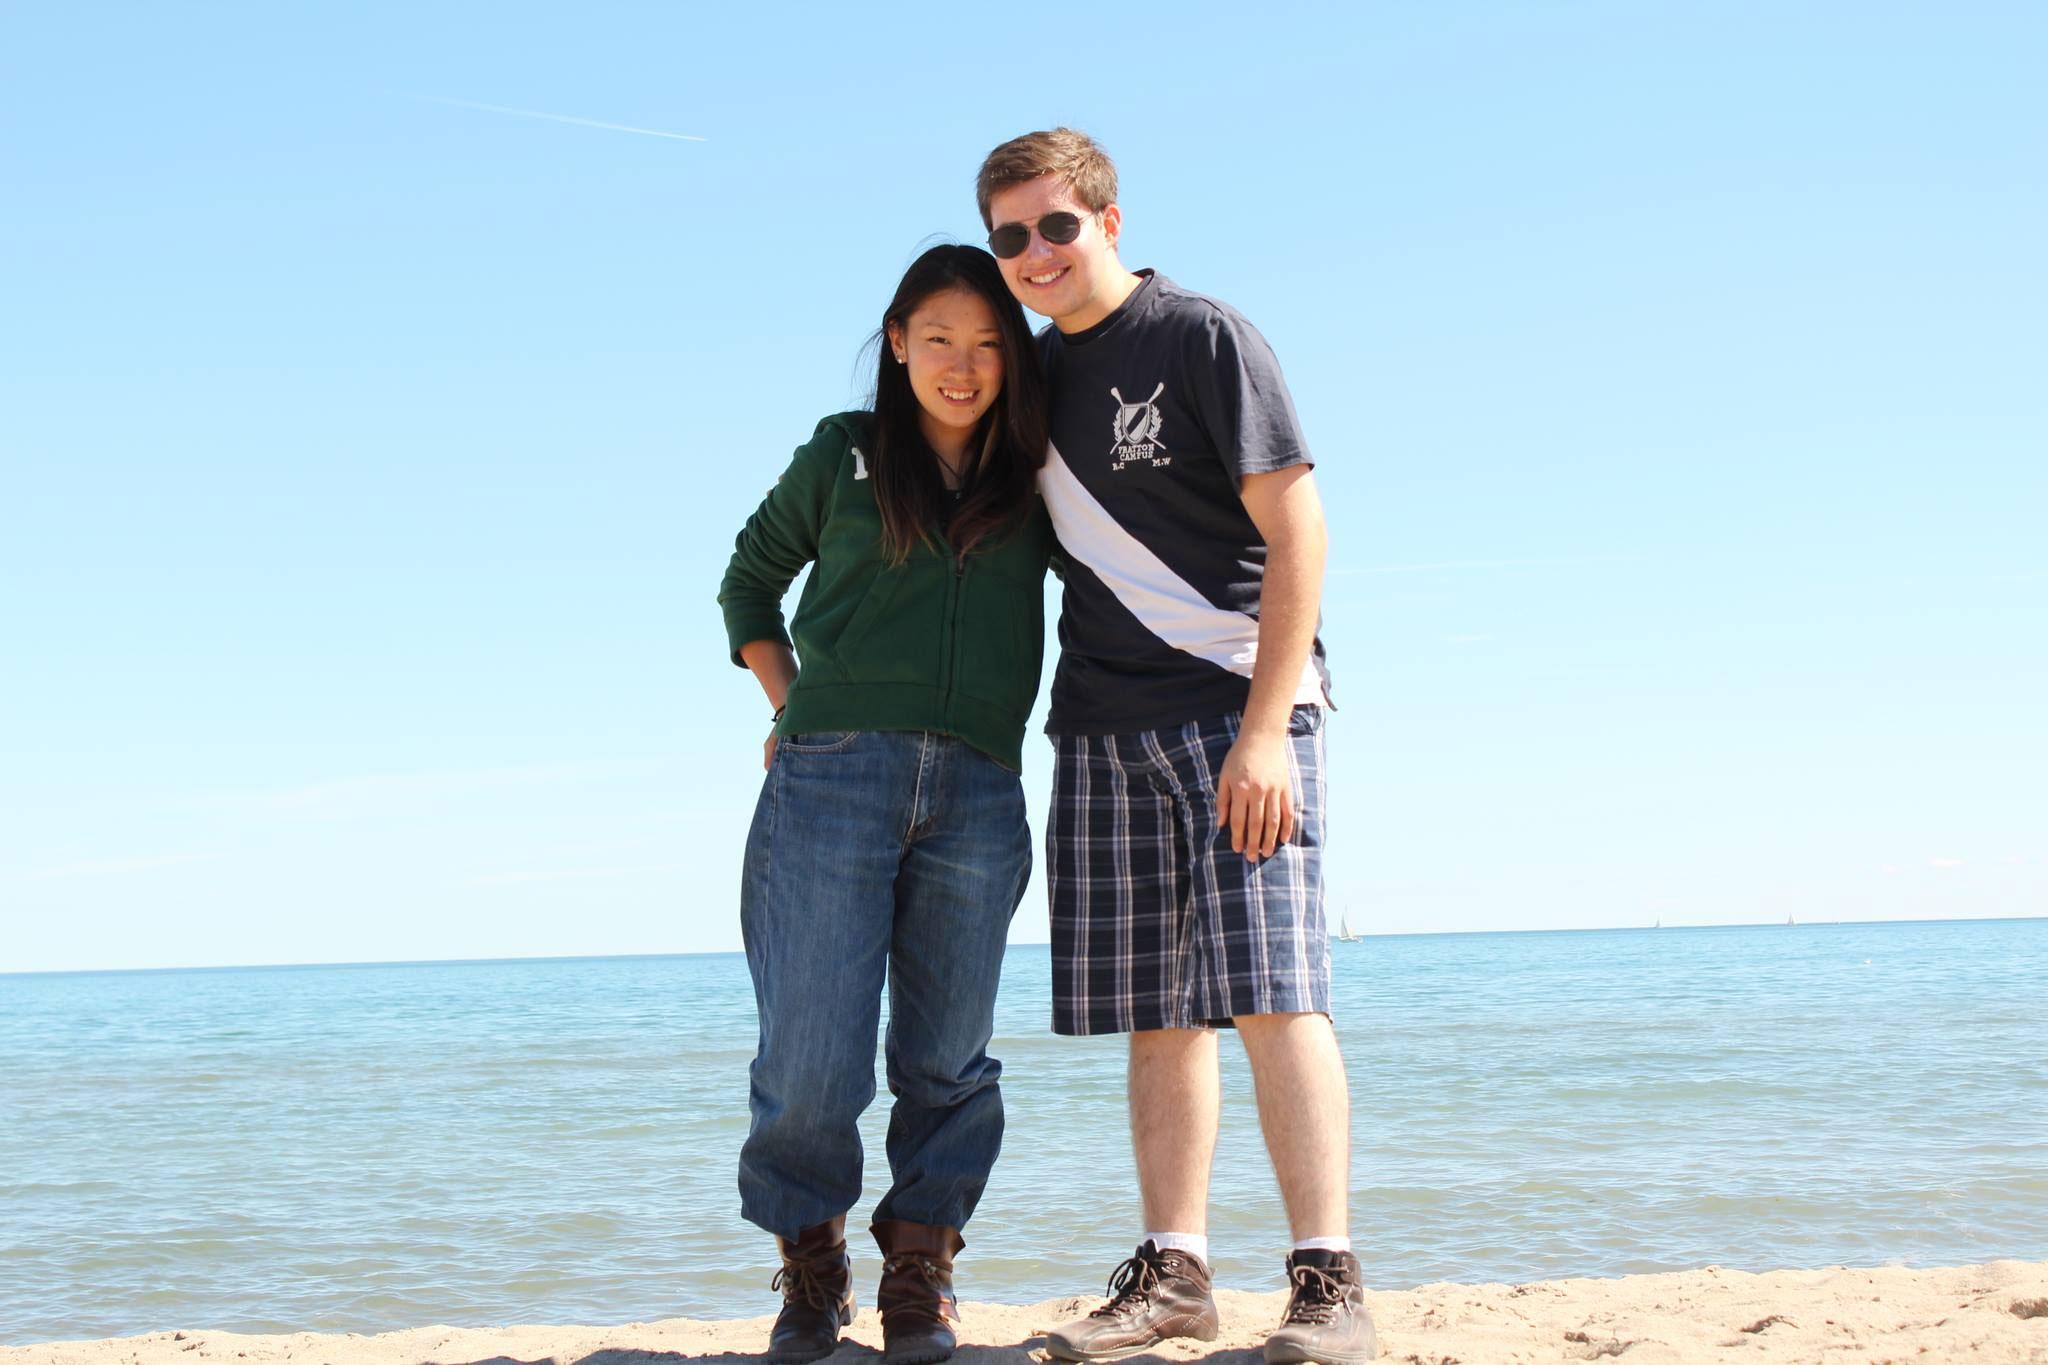 トロント オタワ 語学留学 ファームステイ オンタリオ湖を訪問 Masamiさん